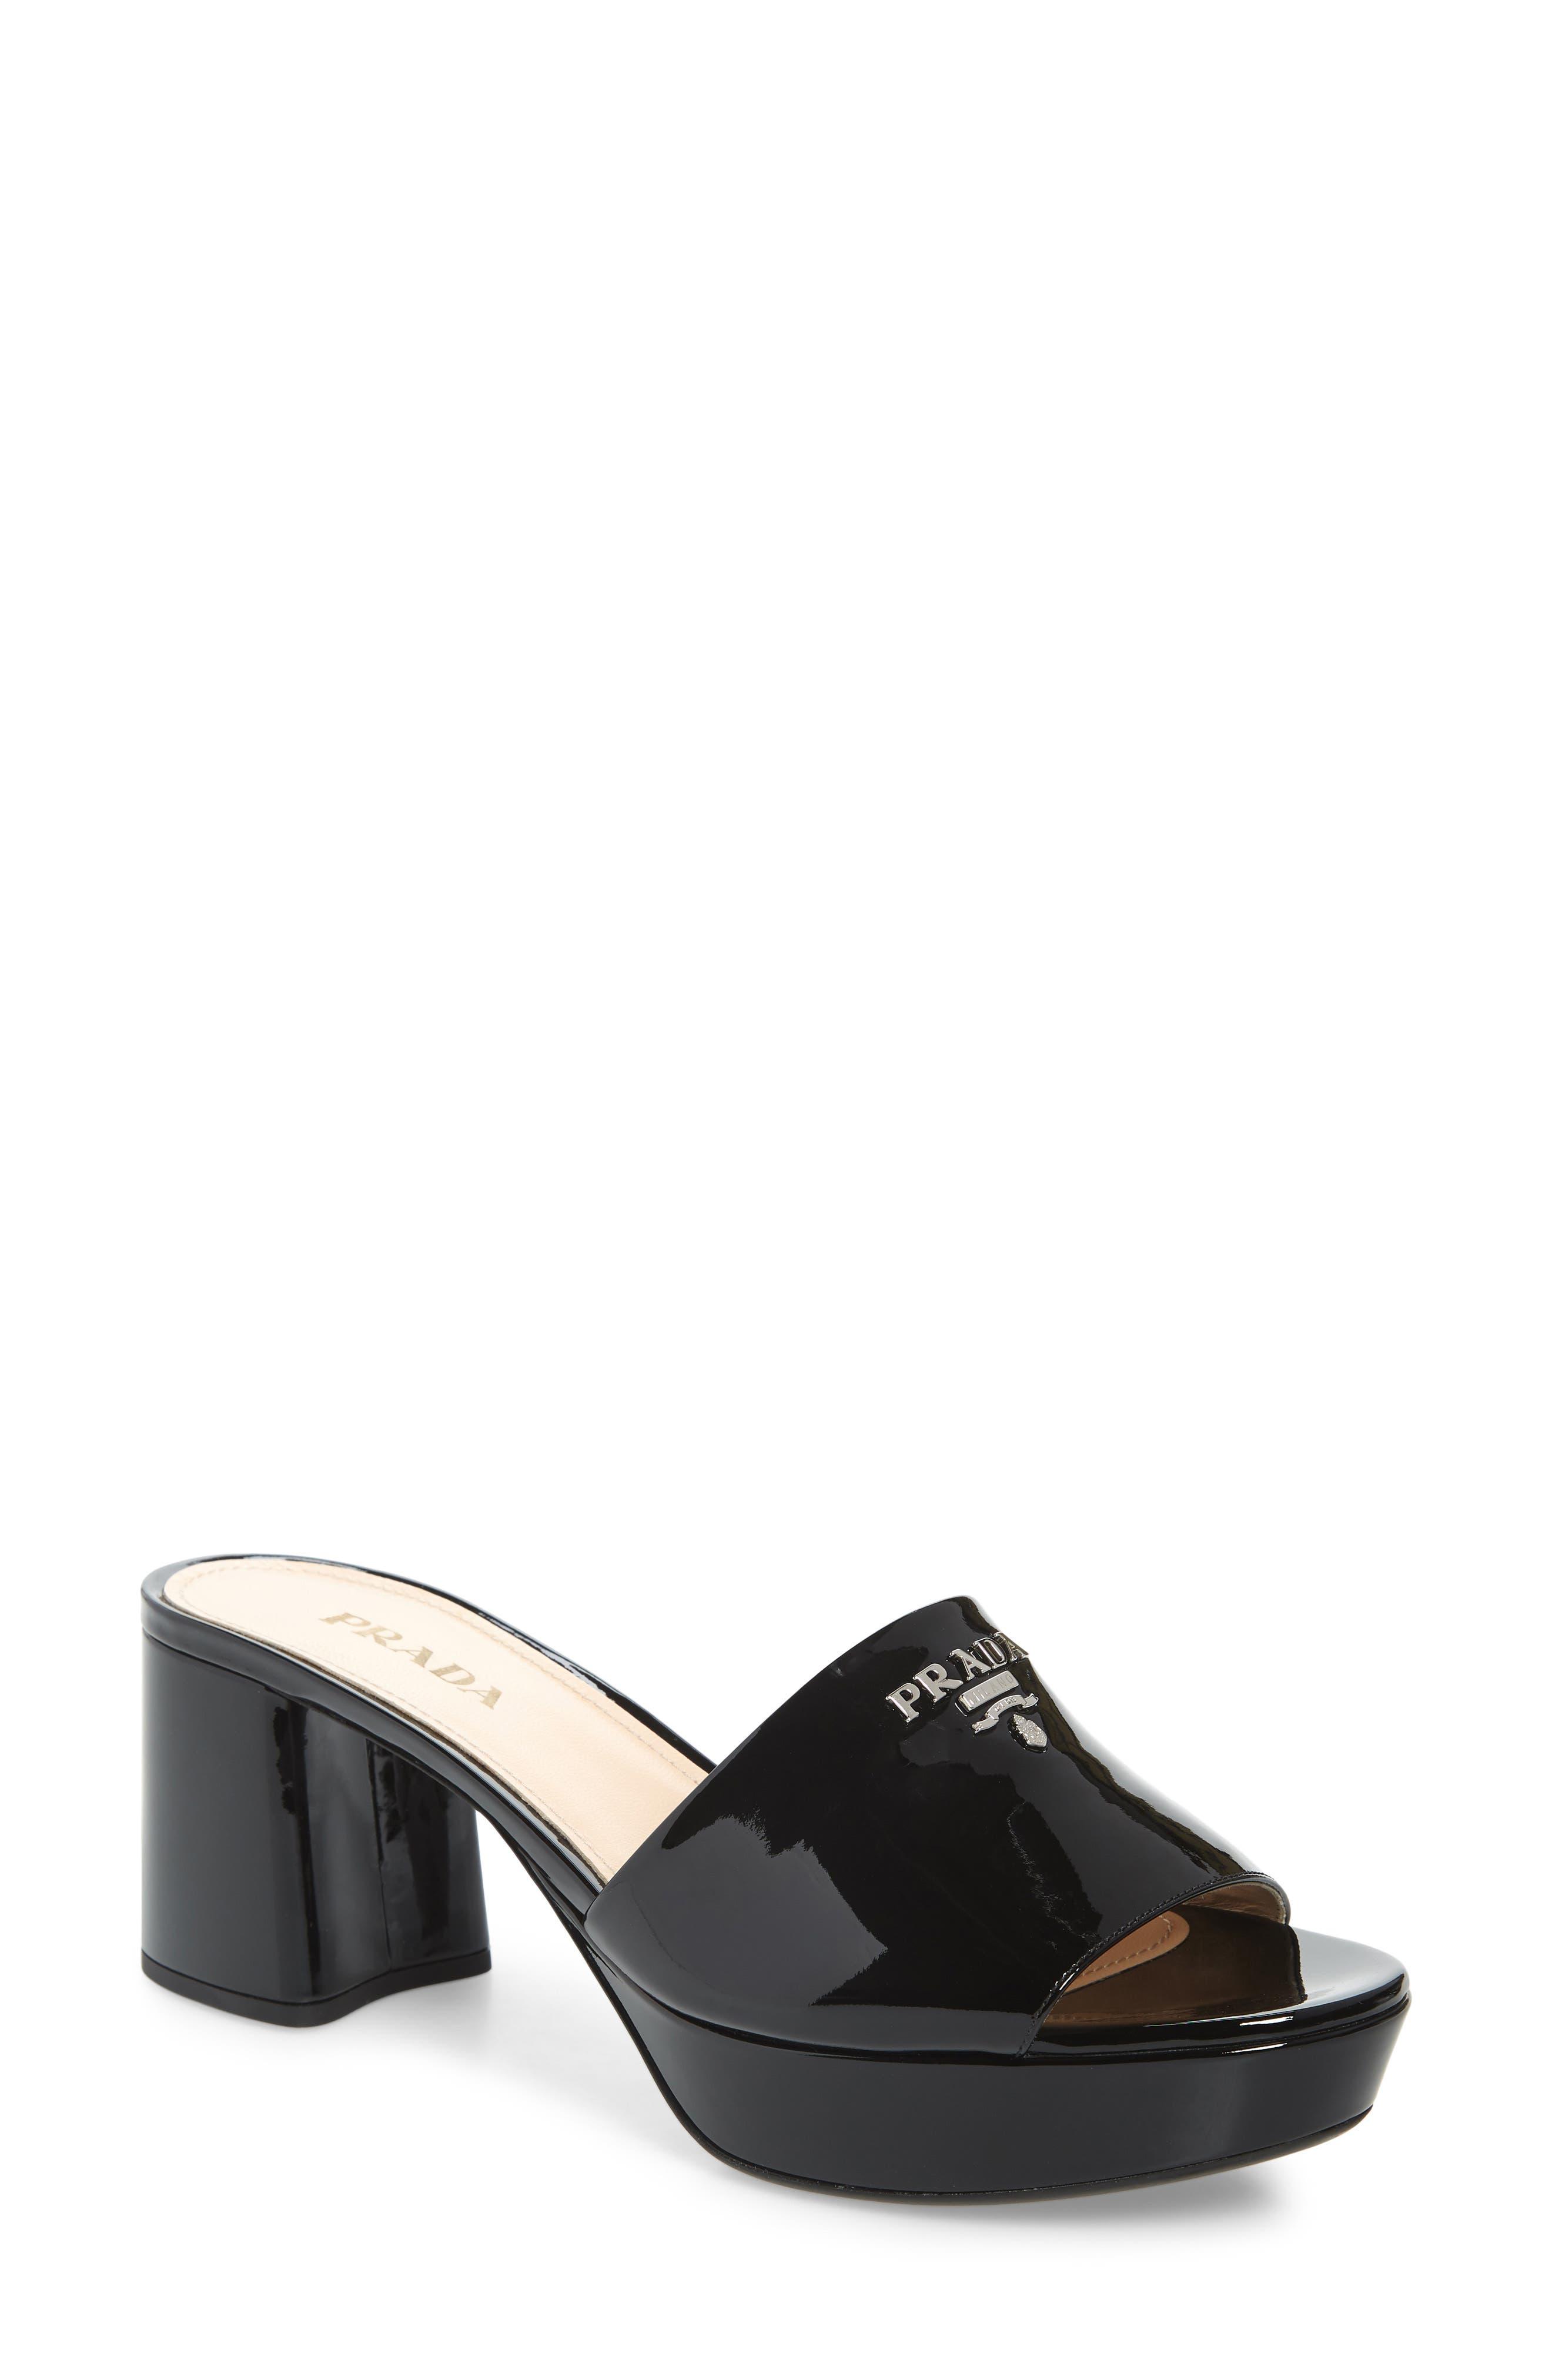 e1e994400a85 Prada Women's Slides Shoes | Nordstrom